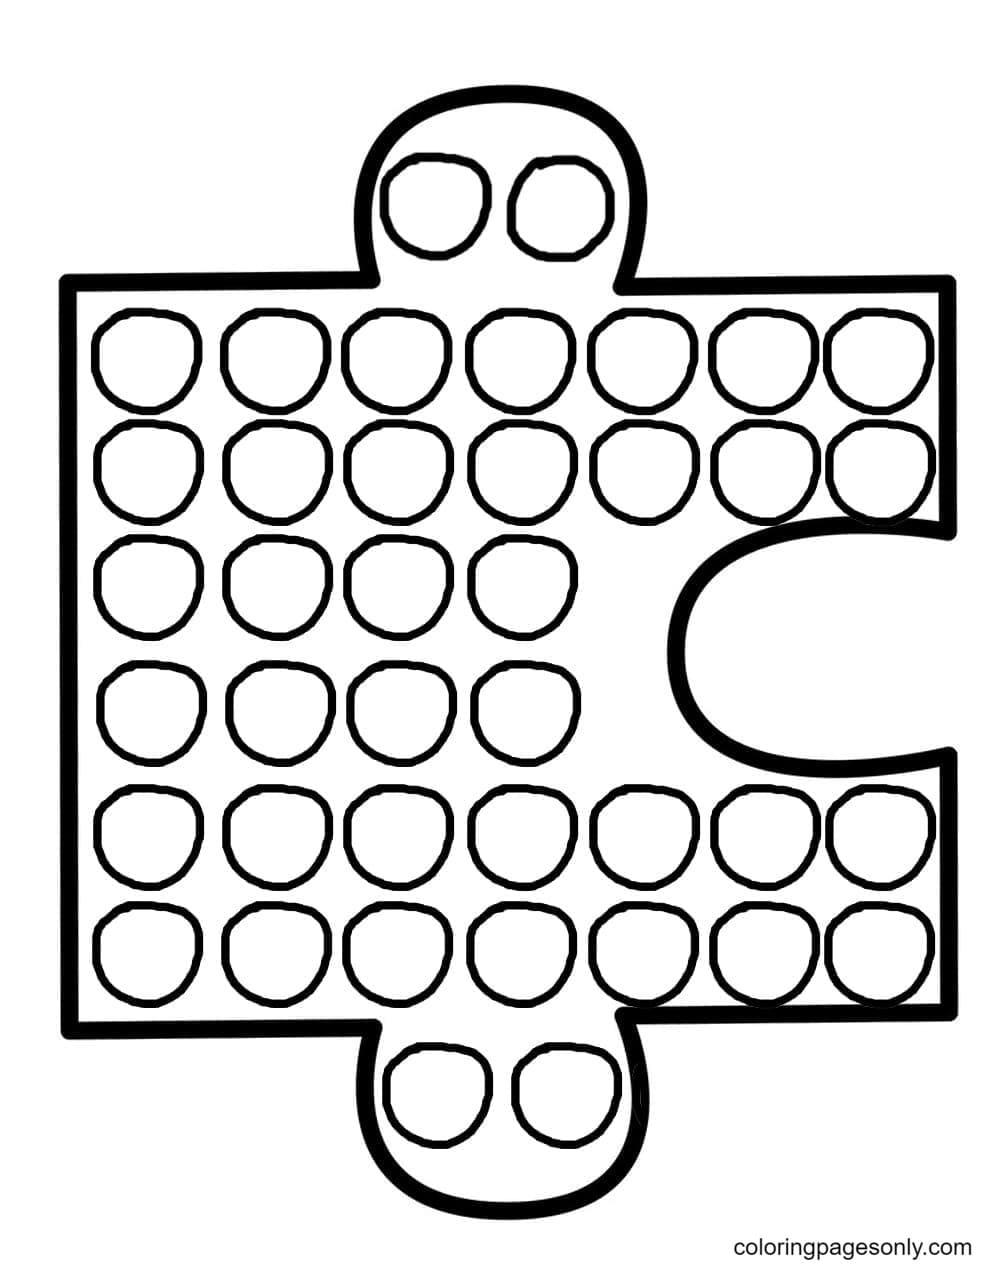 Puzzle Pop It Coloring Page